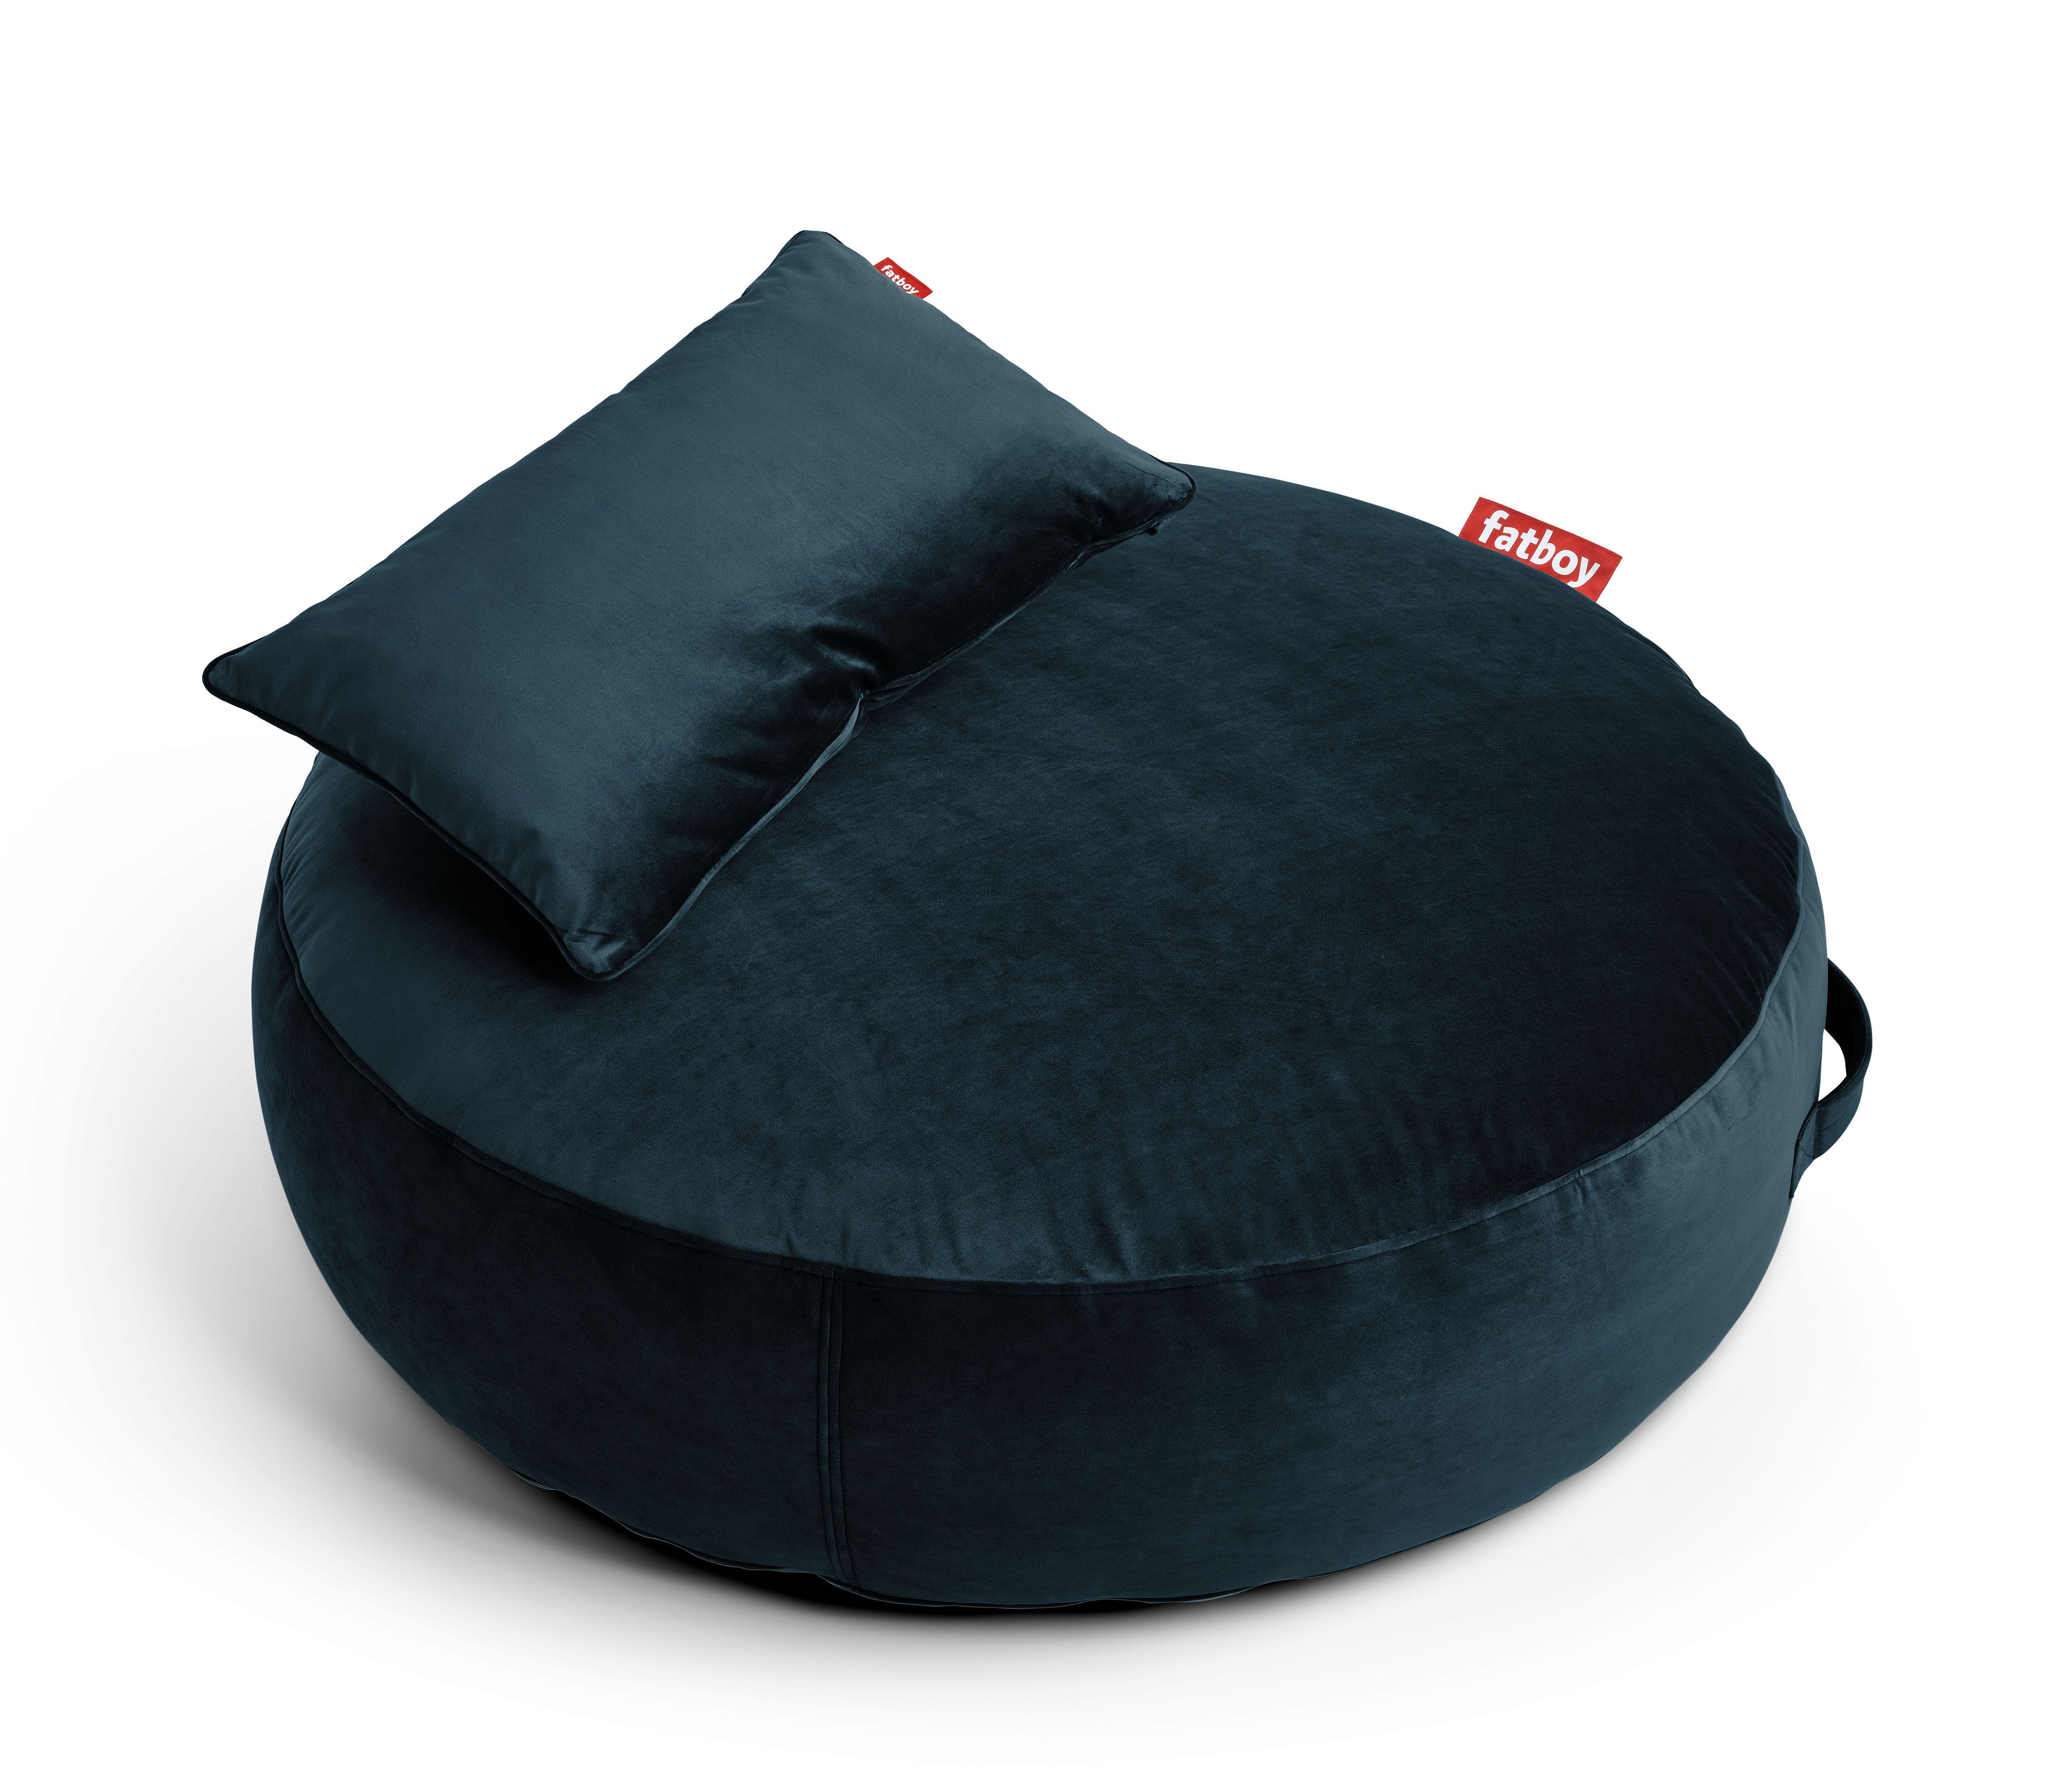 Mobilier - Poufs - Pouf Pupillow Velvet / Velours - Ø 120 cm - Fatboy - Bleu pétrole -  Micro-billes EPS, Mousse, Velours polyester